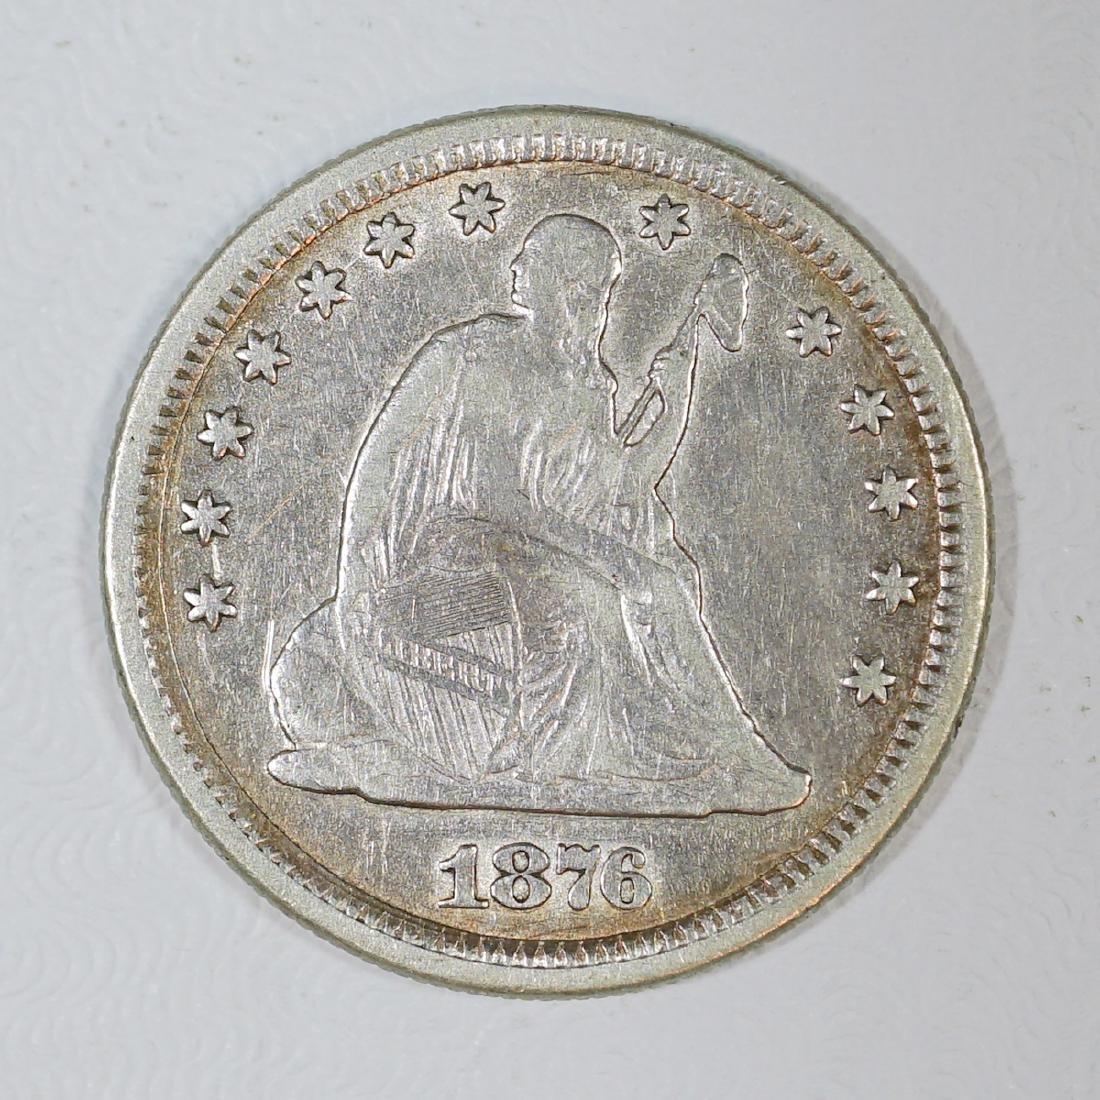 1876-CC U.S. Quarter Dollar